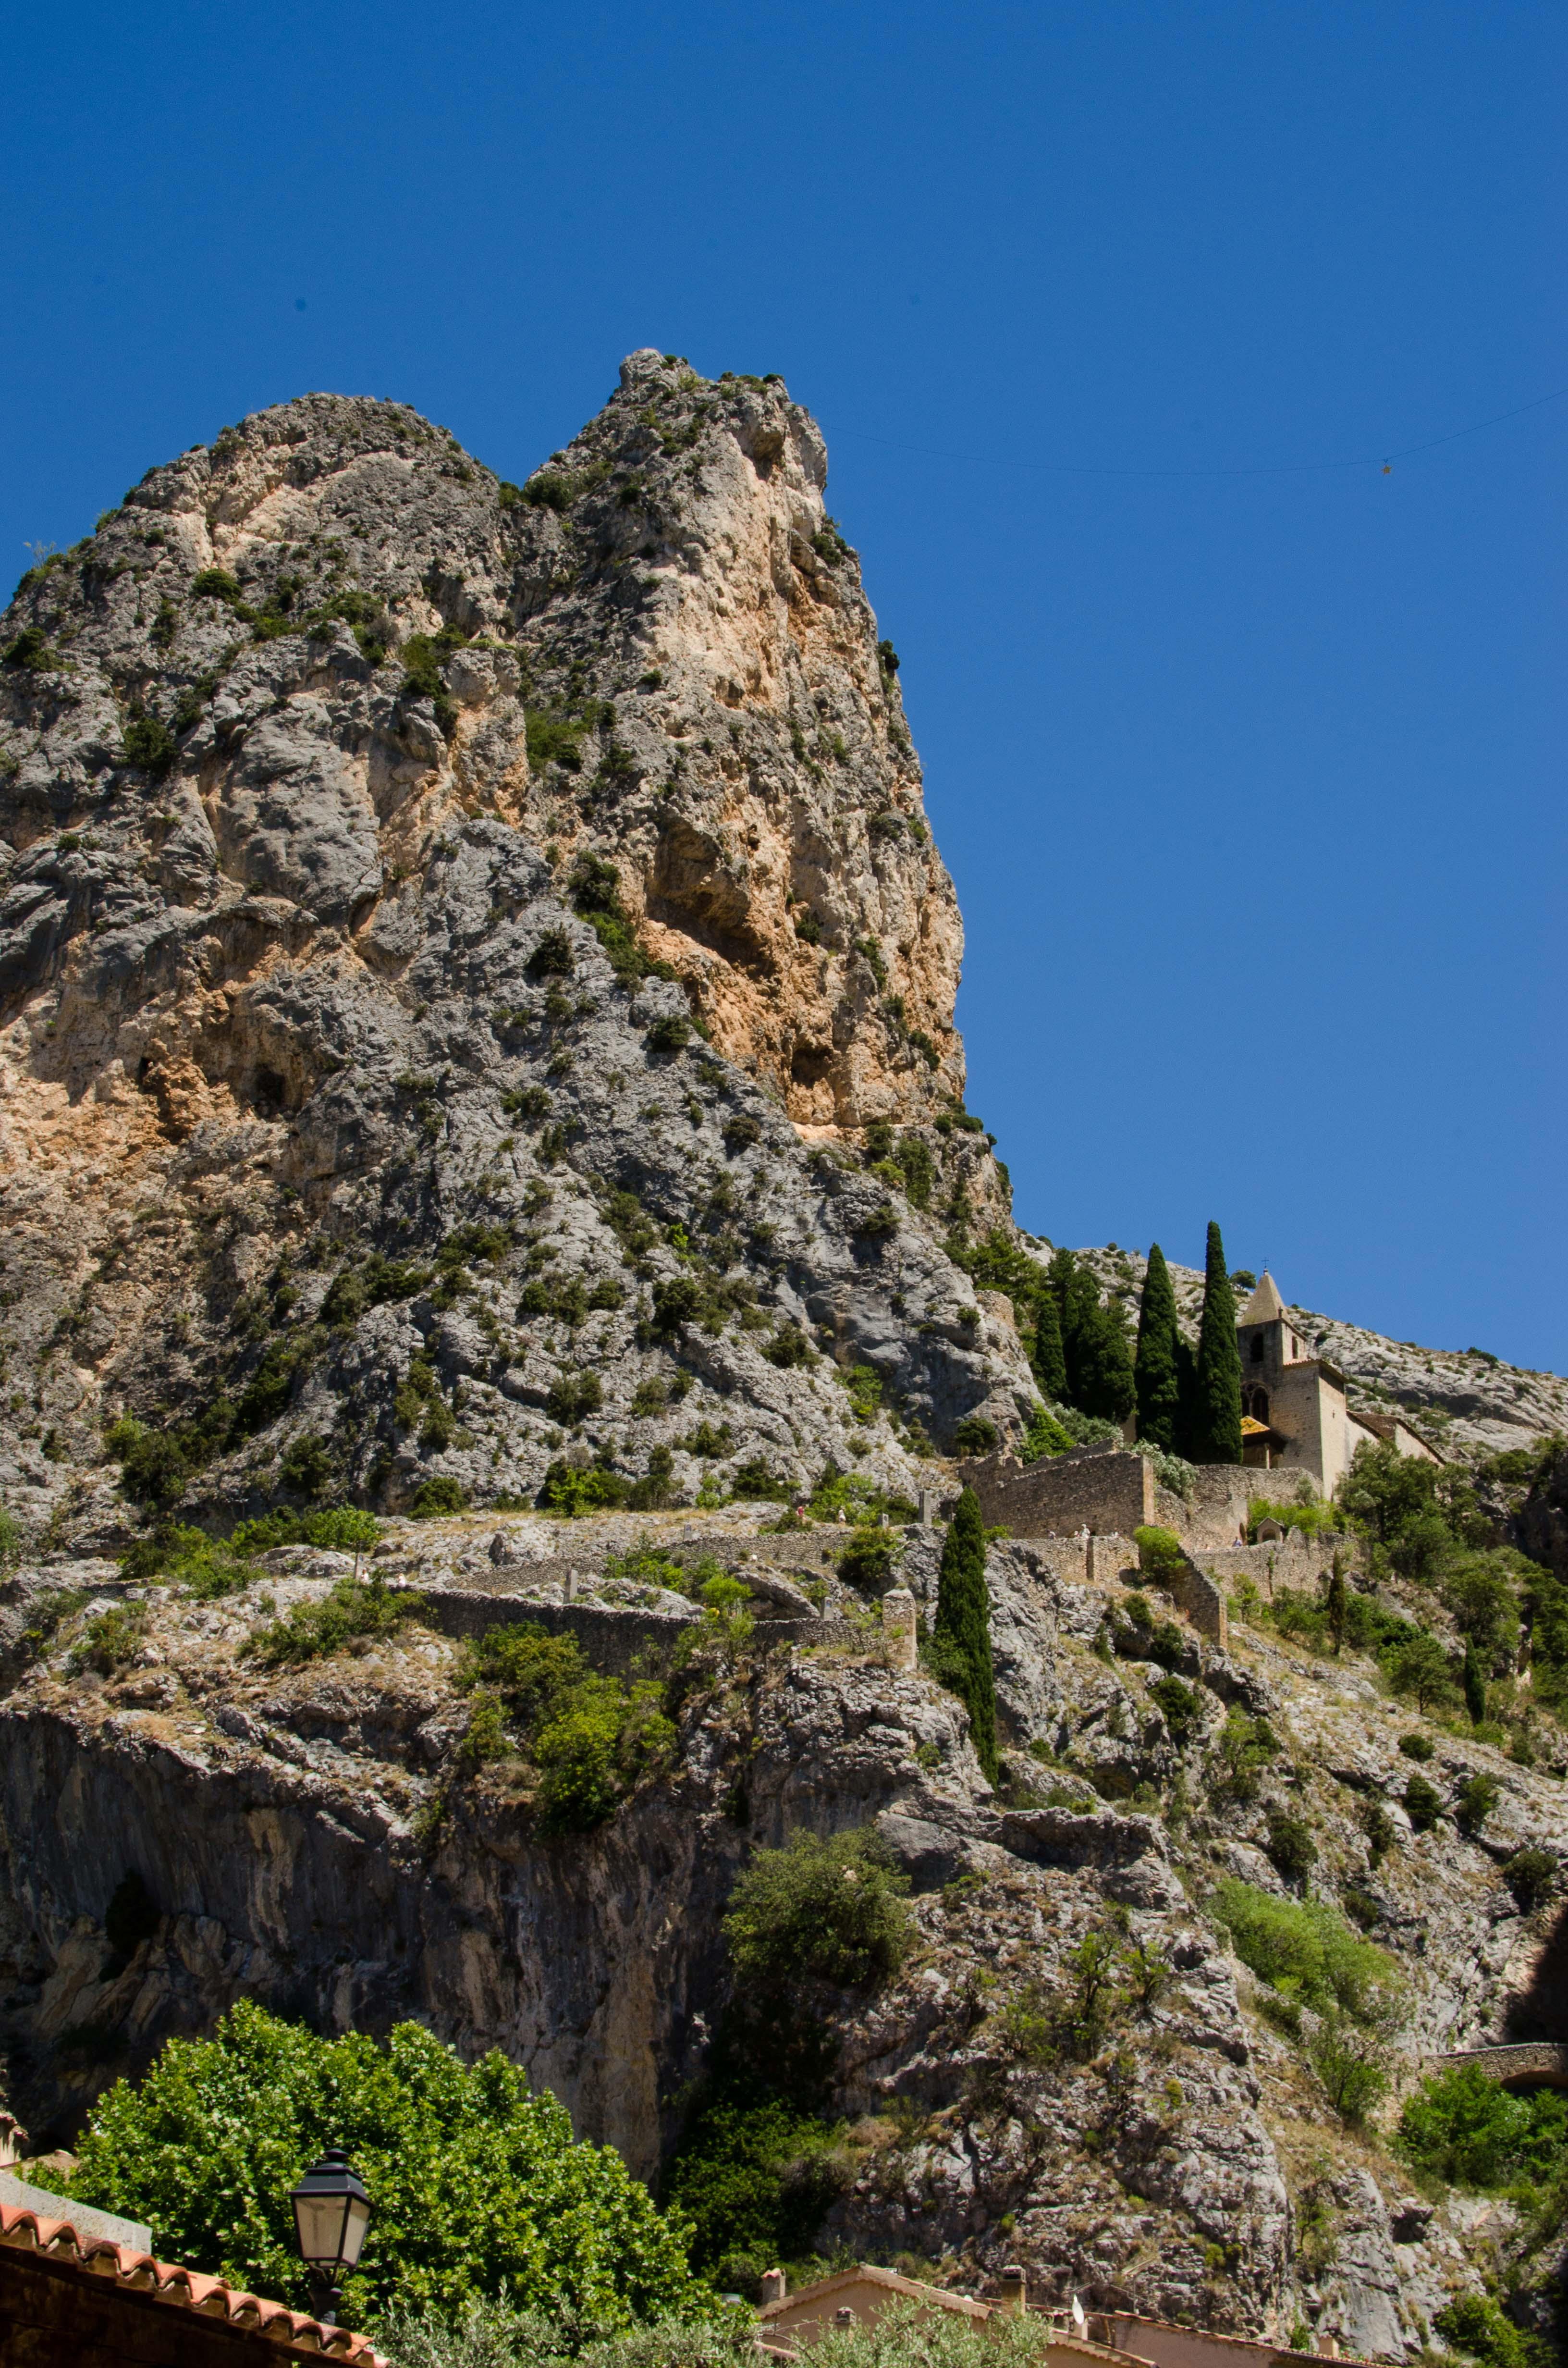 castellana10 Vacanze in Provenza, Camargue e Costa Azzurra